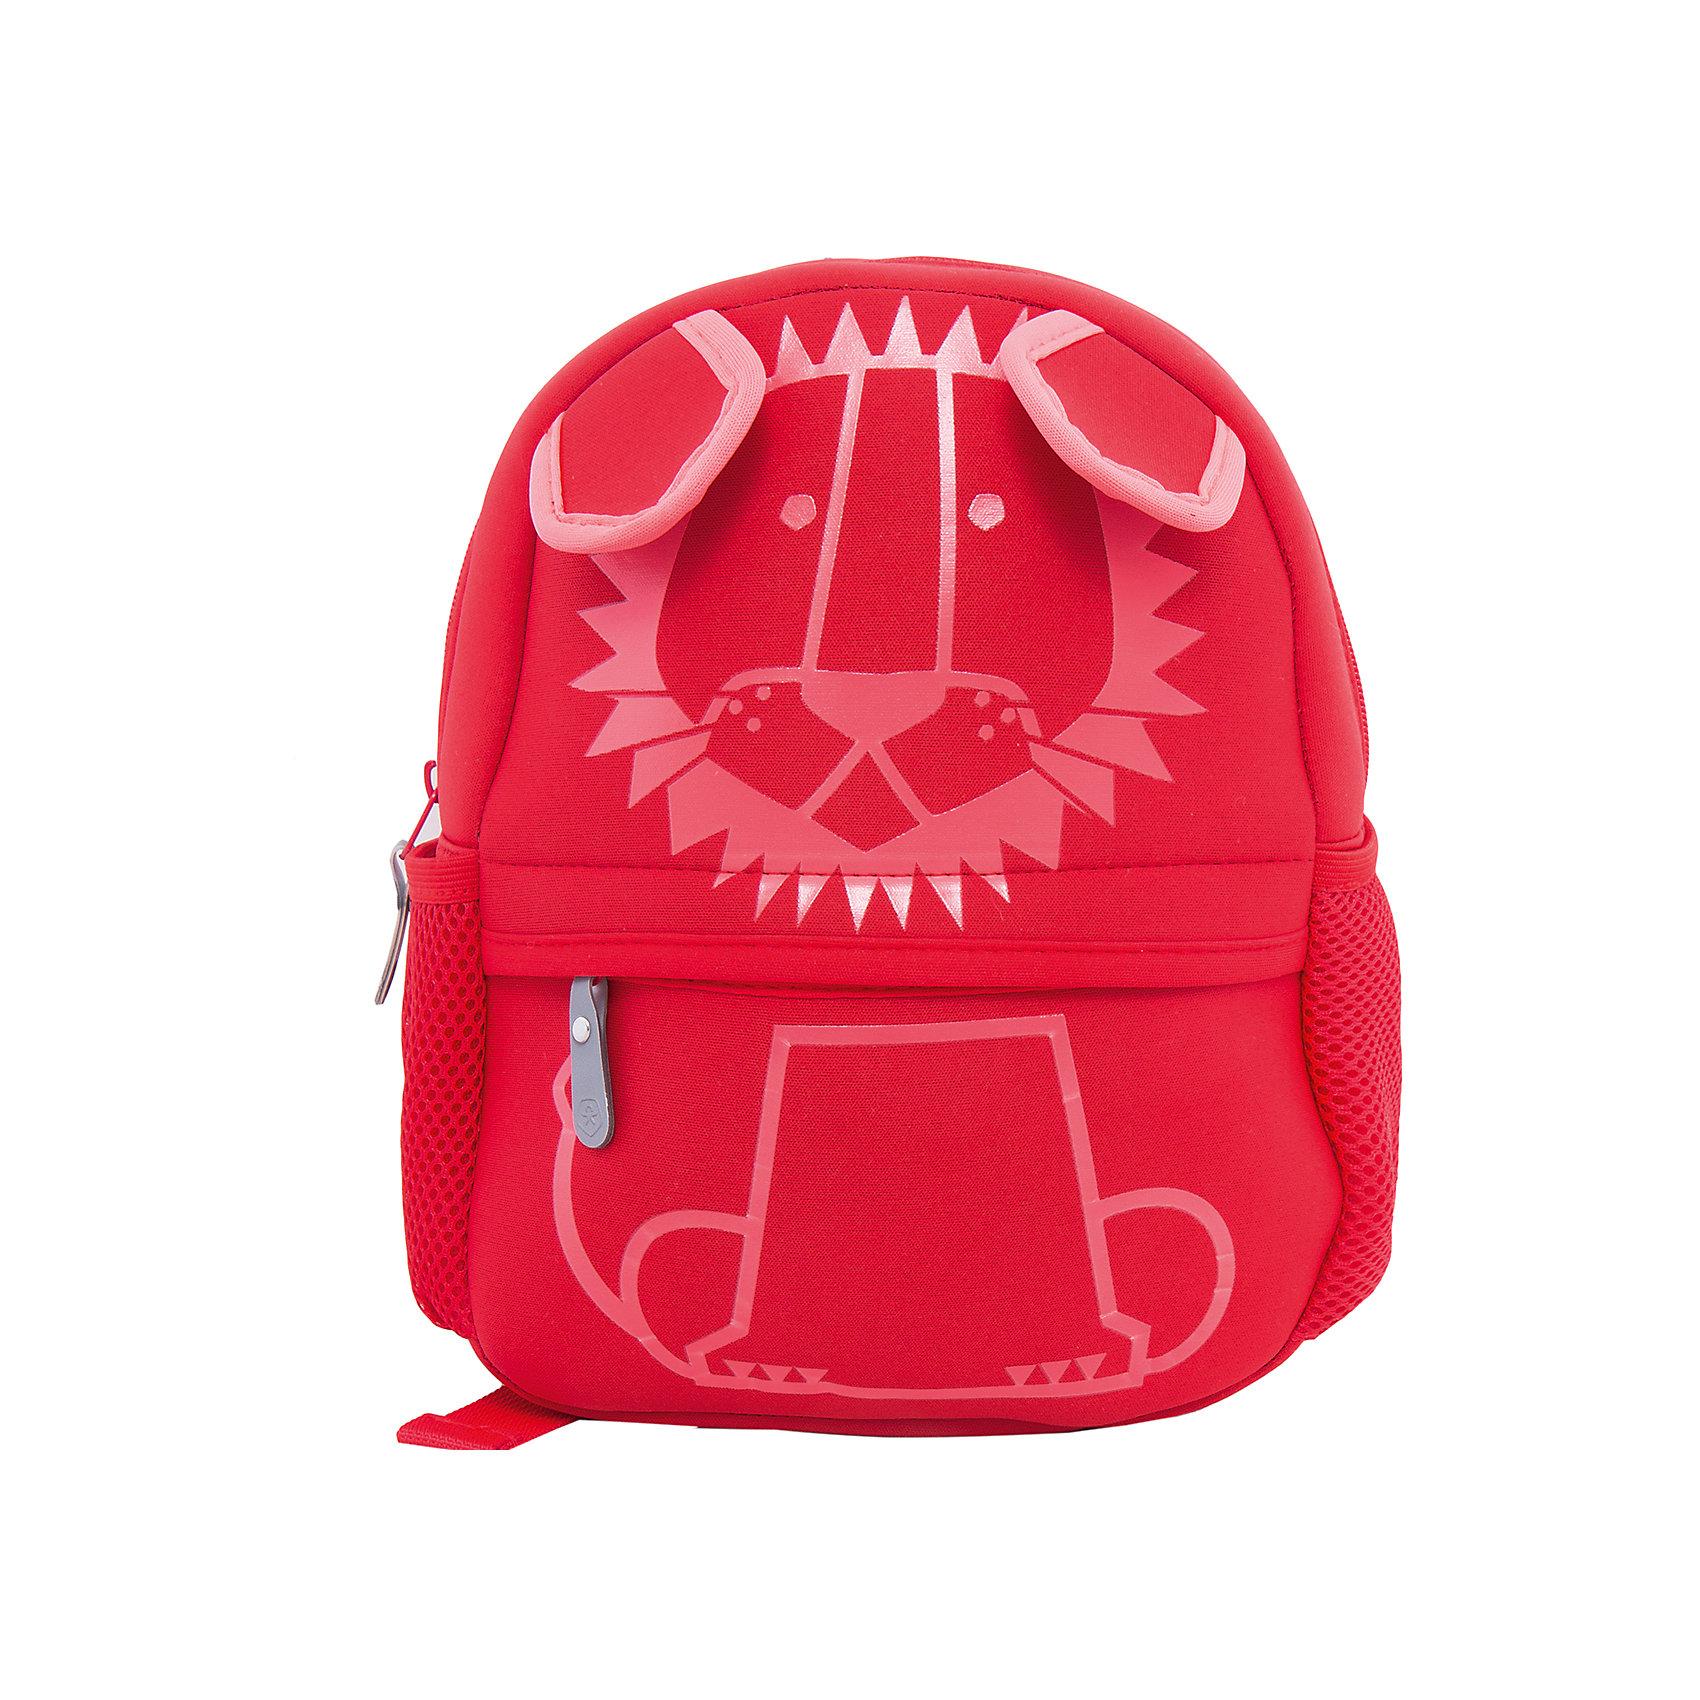 Рюкзак  Color KidsАксессуары<br>Характеристики товара:<br><br>• цвет: красный<br>• состав: 100 % полиэстер<br>• размер рюкзака: 30х23х10<br>• регулируемые лямки<br>• большое основное отделение на молнии<br>• маленький передний карман на молнии<br>• два боковых кармана-сетки<br>• светоотражающие детали<br>• логотип<br>• страна бренда: Дания<br><br>Такой удобный рюкзак сделан из мягкого и прочного неопрена, поэтому обеспечит ребенку удобство при ношении. Он комфортно сидит по спине и позволяет поместить в себя необходимые вещи. Очень стильно смотрится.<br><br>Рюкзак от датского бренда Color Kids (Колор кидз) можно купить в нашем интернет-магазине.<br><br>Ширина мм: 227<br>Глубина мм: 11<br>Высота мм: 226<br>Вес г: 350<br>Цвет: красный<br>Возраст от месяцев: 48<br>Возраст до месяцев: 144<br>Пол: Унисекс<br>Возраст: Детский<br>Размер: one size<br>SKU: 5443226